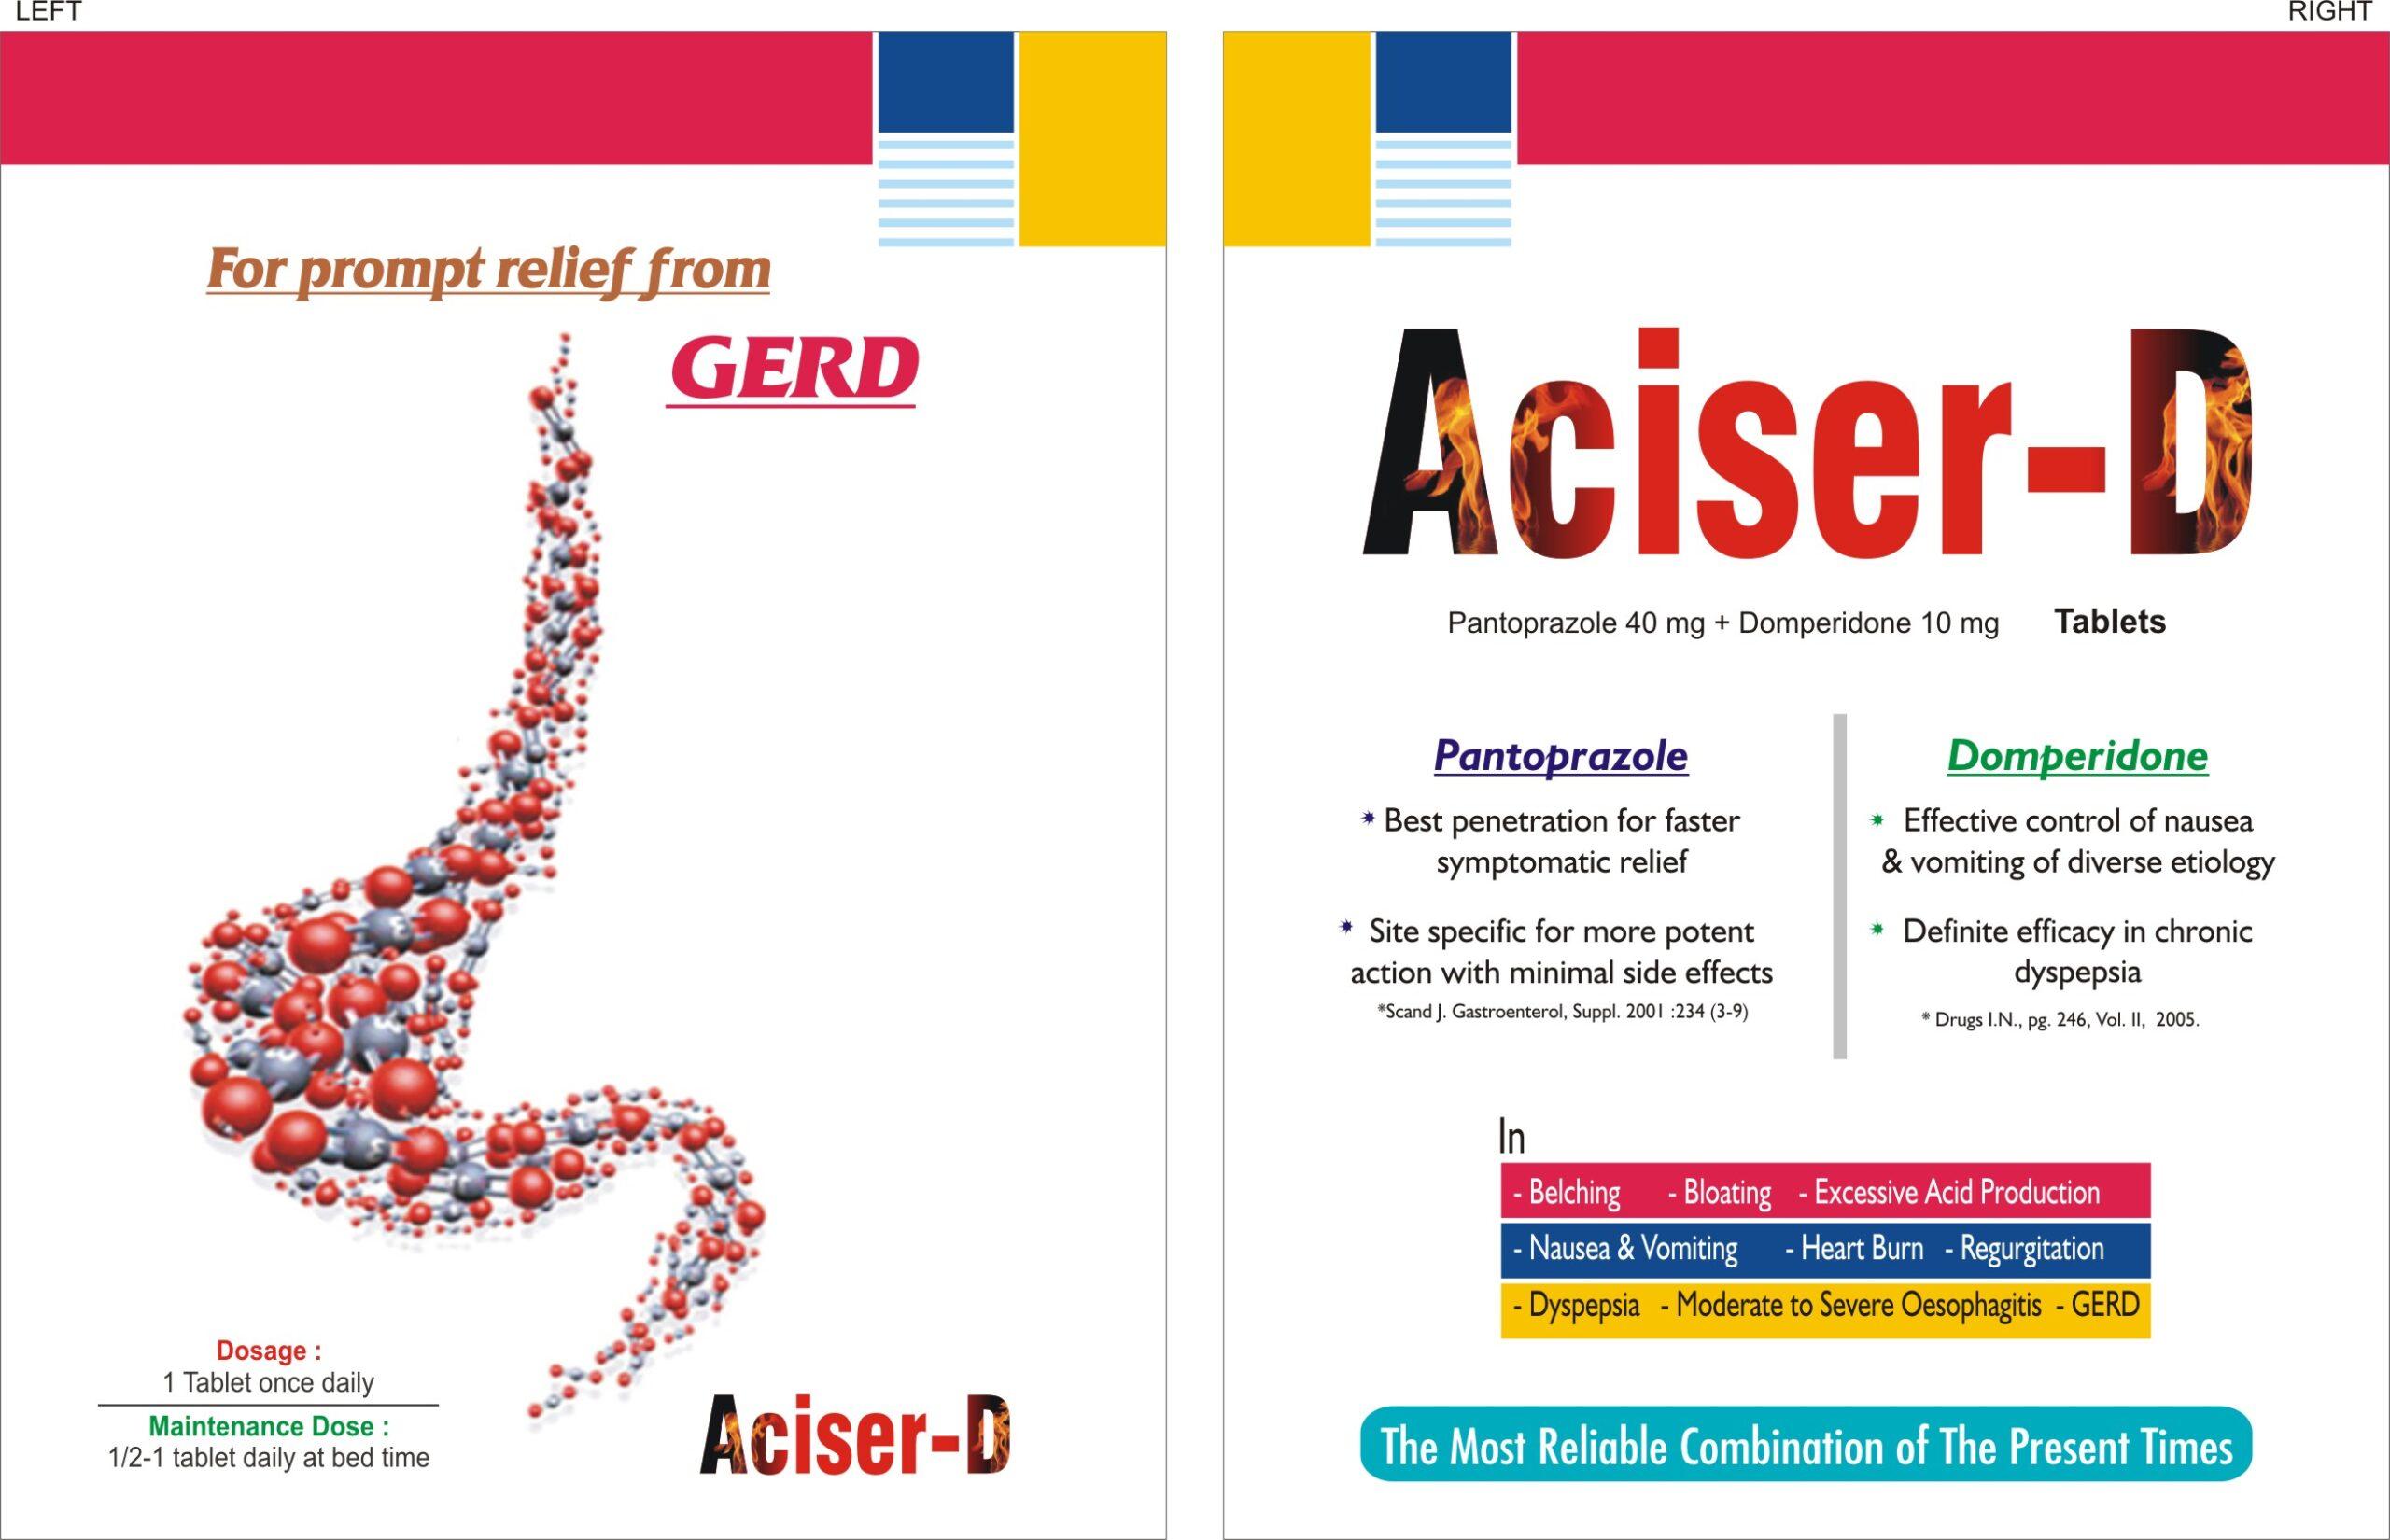 Aciser-D